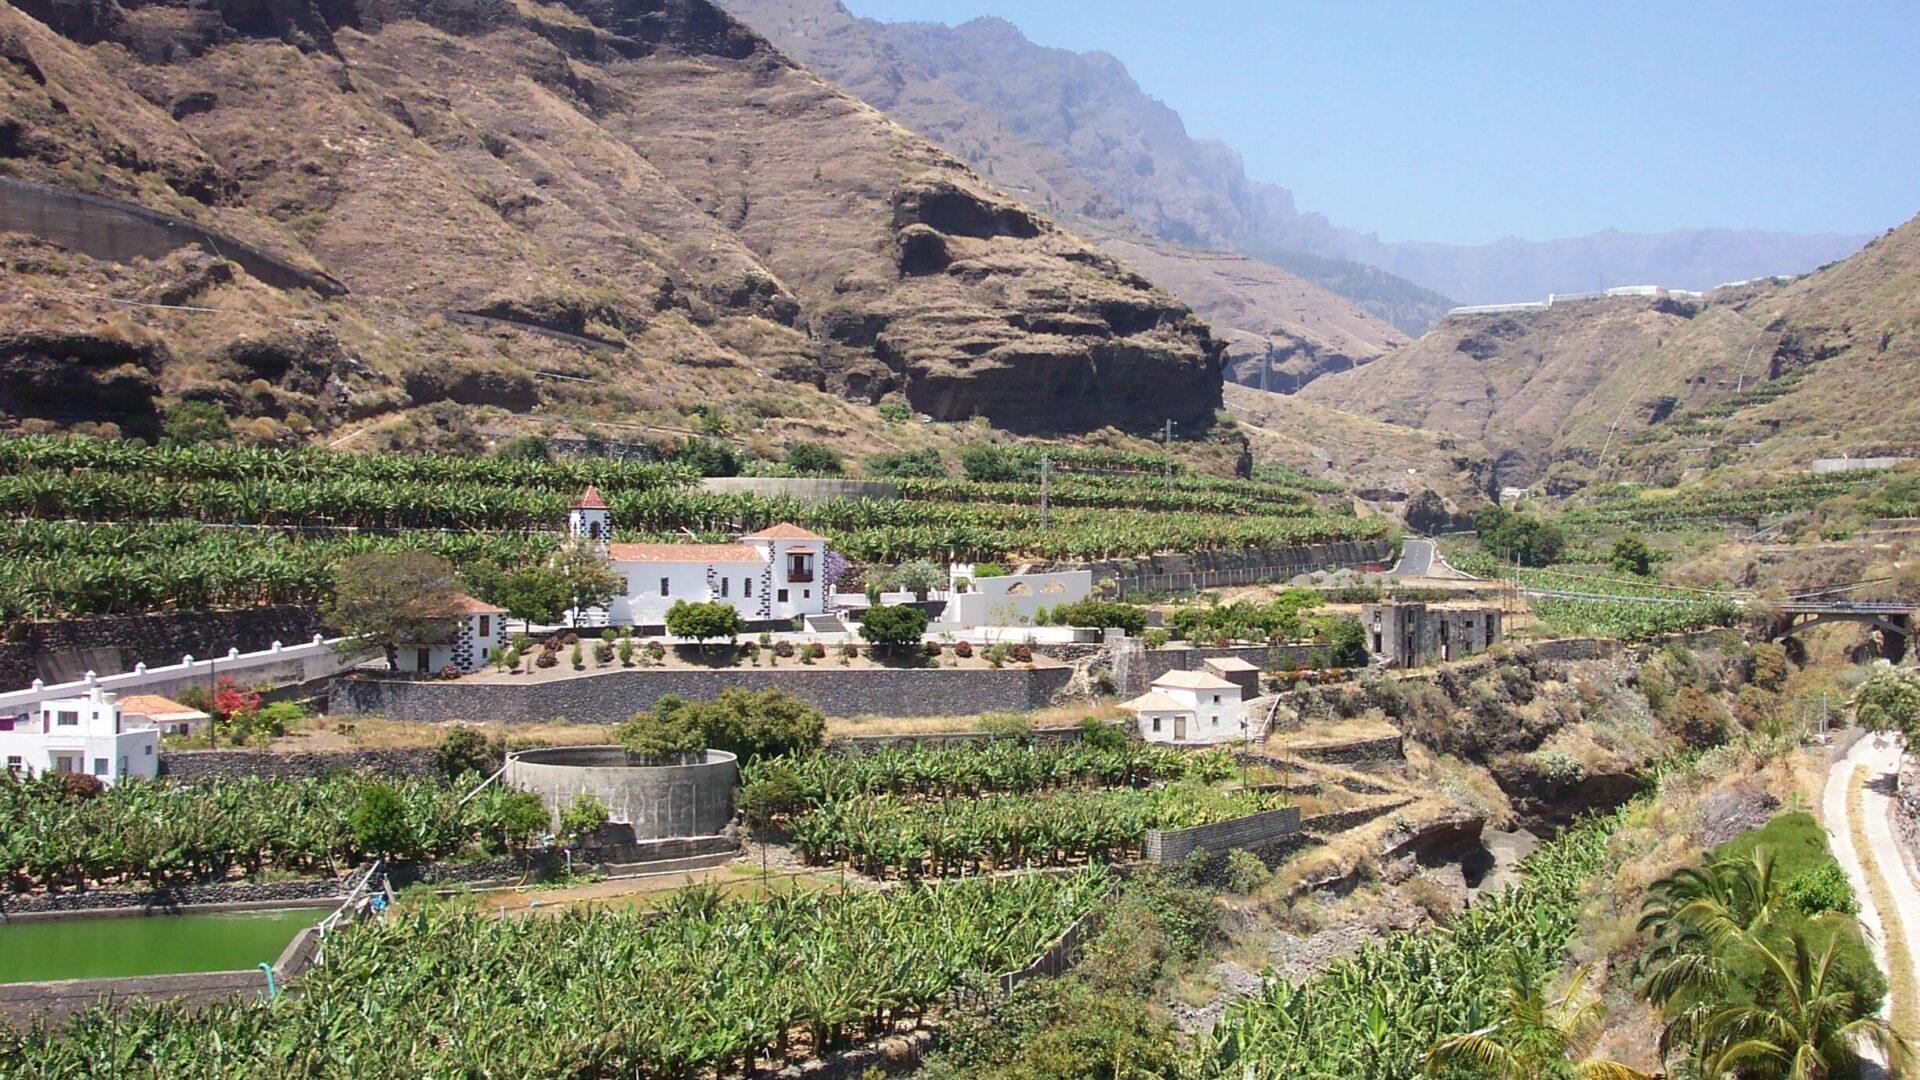 Exc. La Palma Spezial Viajes Pamir (1) Durchfahrt Las Angustias Schlucht